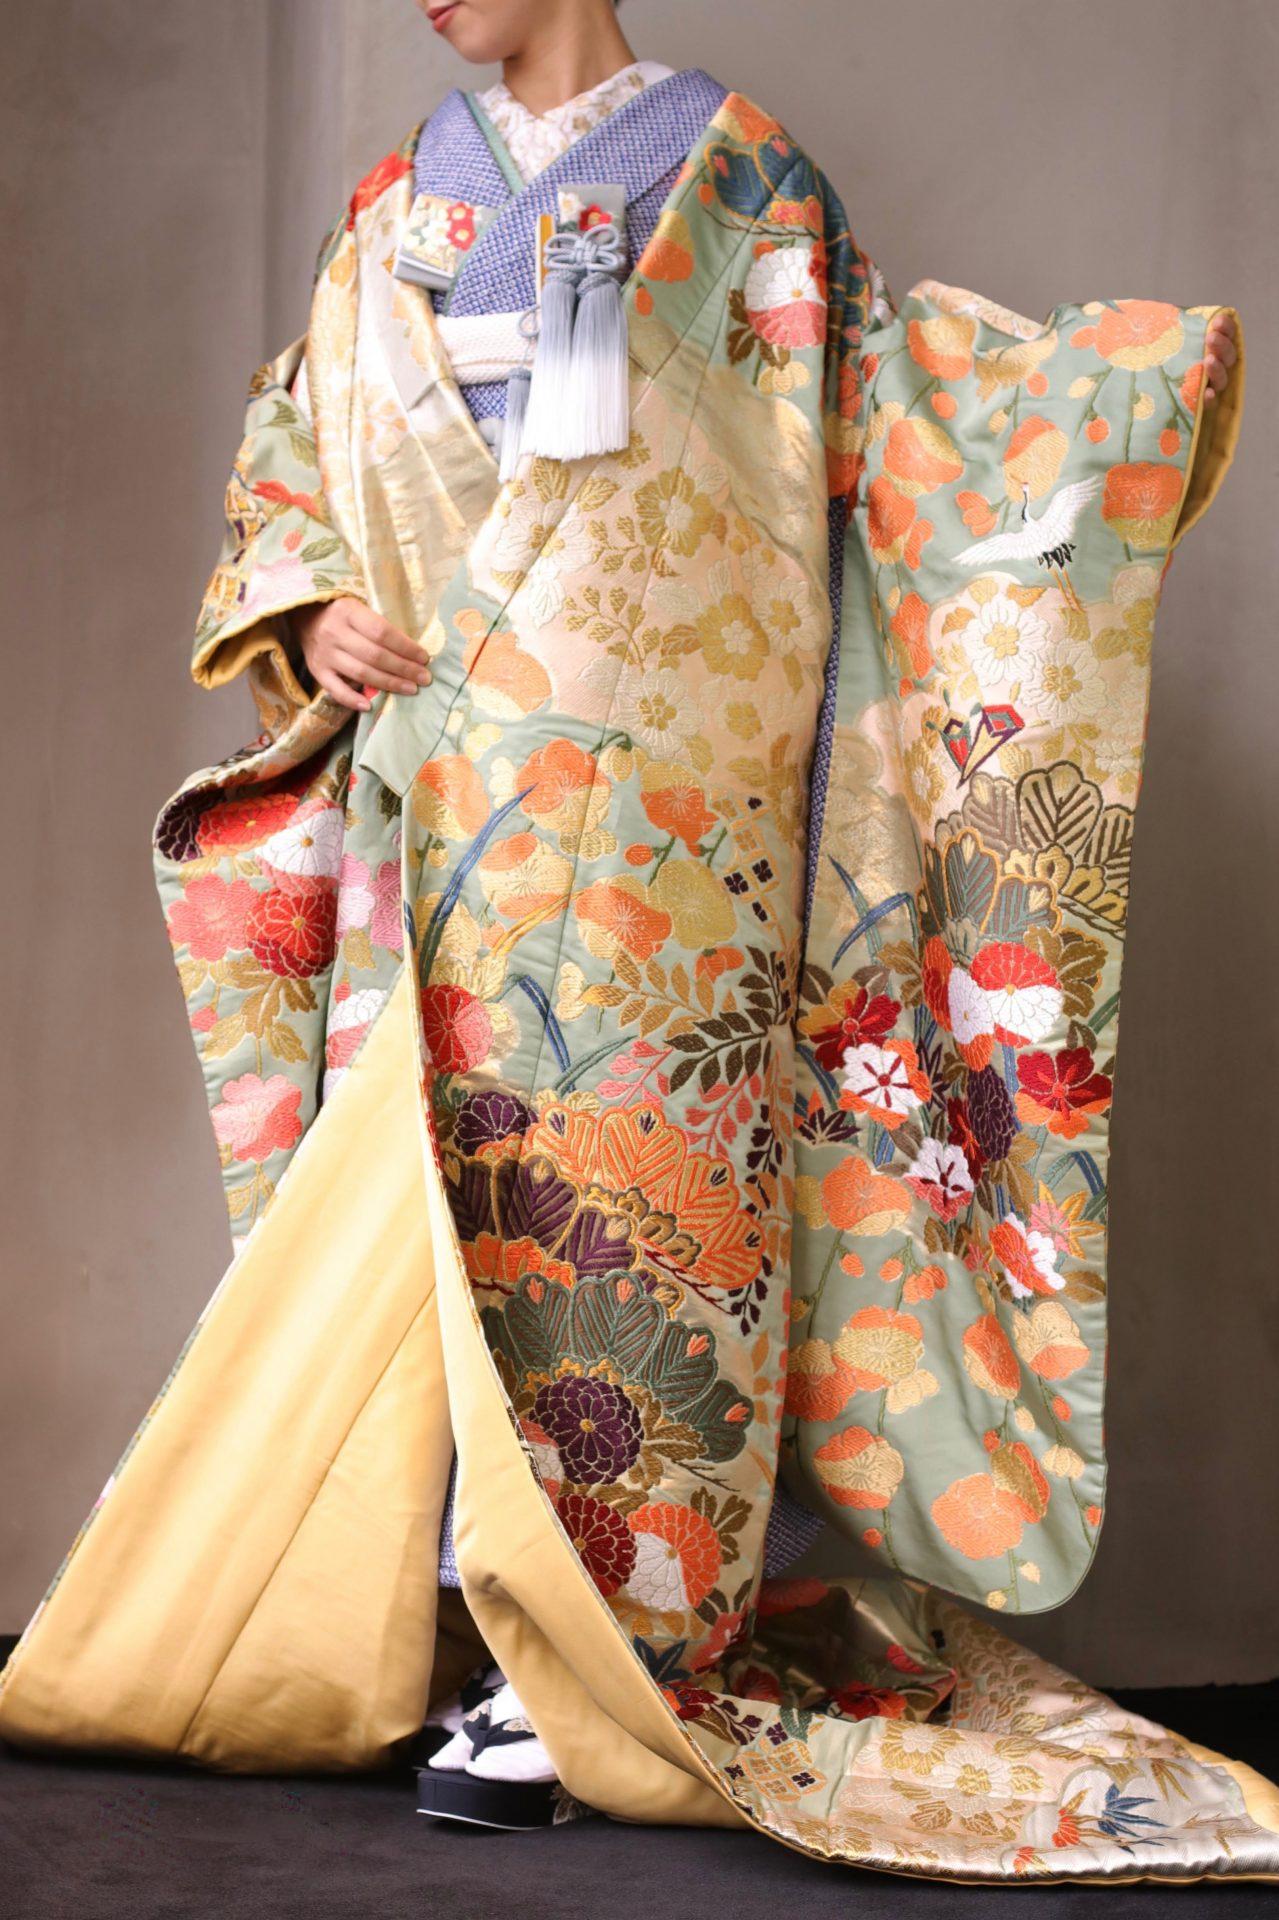 ザ・トリート・ドレッシング アディション店の新作の和装は、提携会場パレスホテル東京の花嫁様にオススメしたい華やかでお洒落な色打掛で、ホテルウェディングらしい大人なコーディネートでまとめました